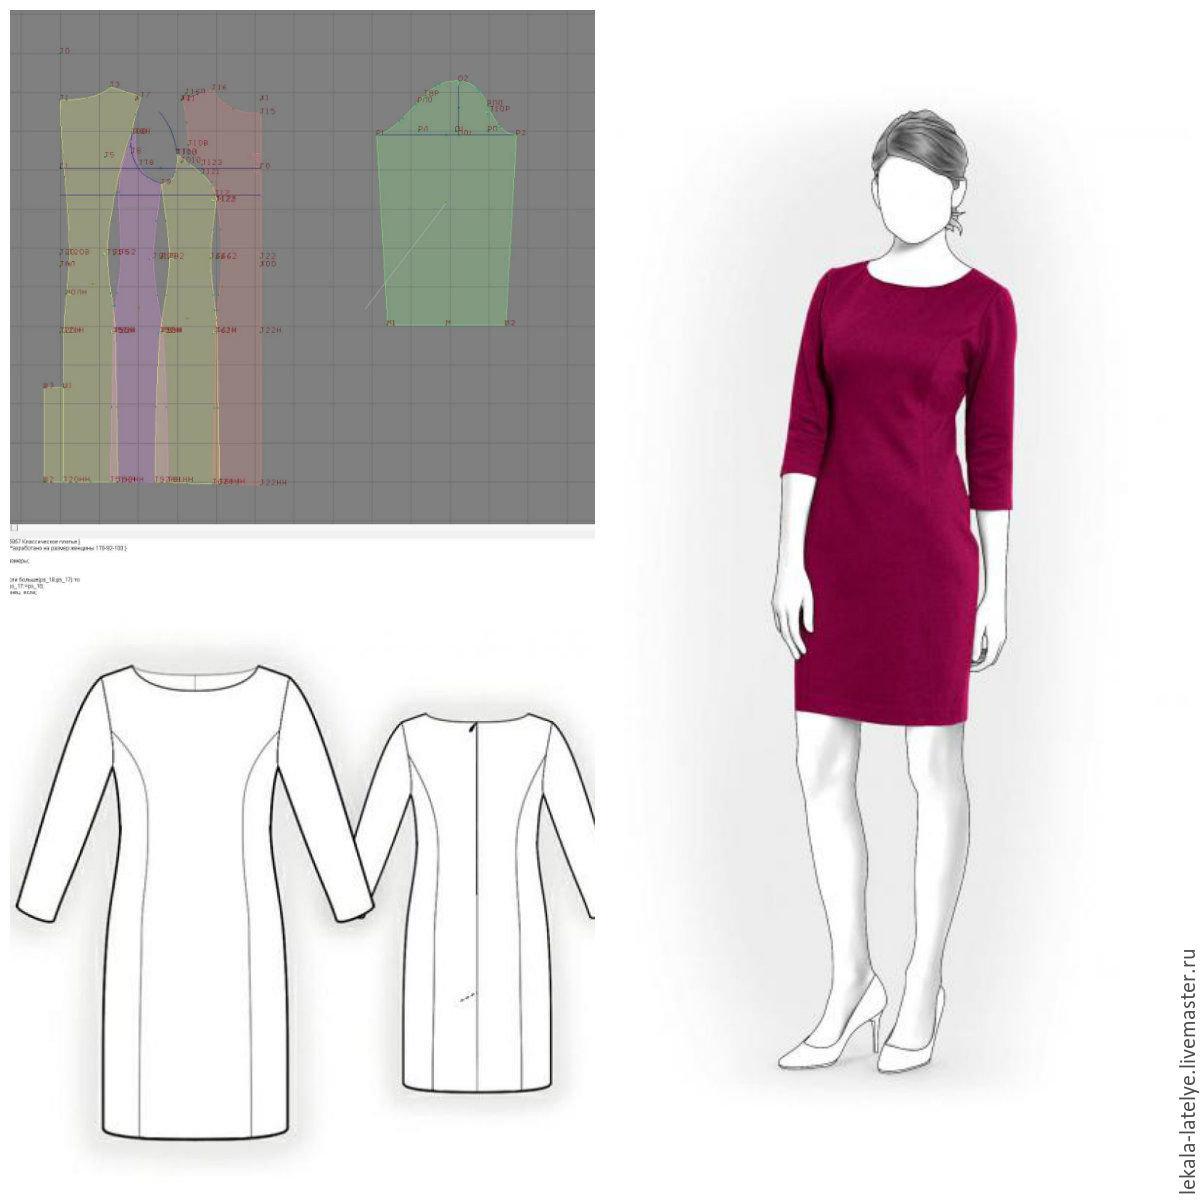 платья из трикотажа фото с выкройками быстро накачать